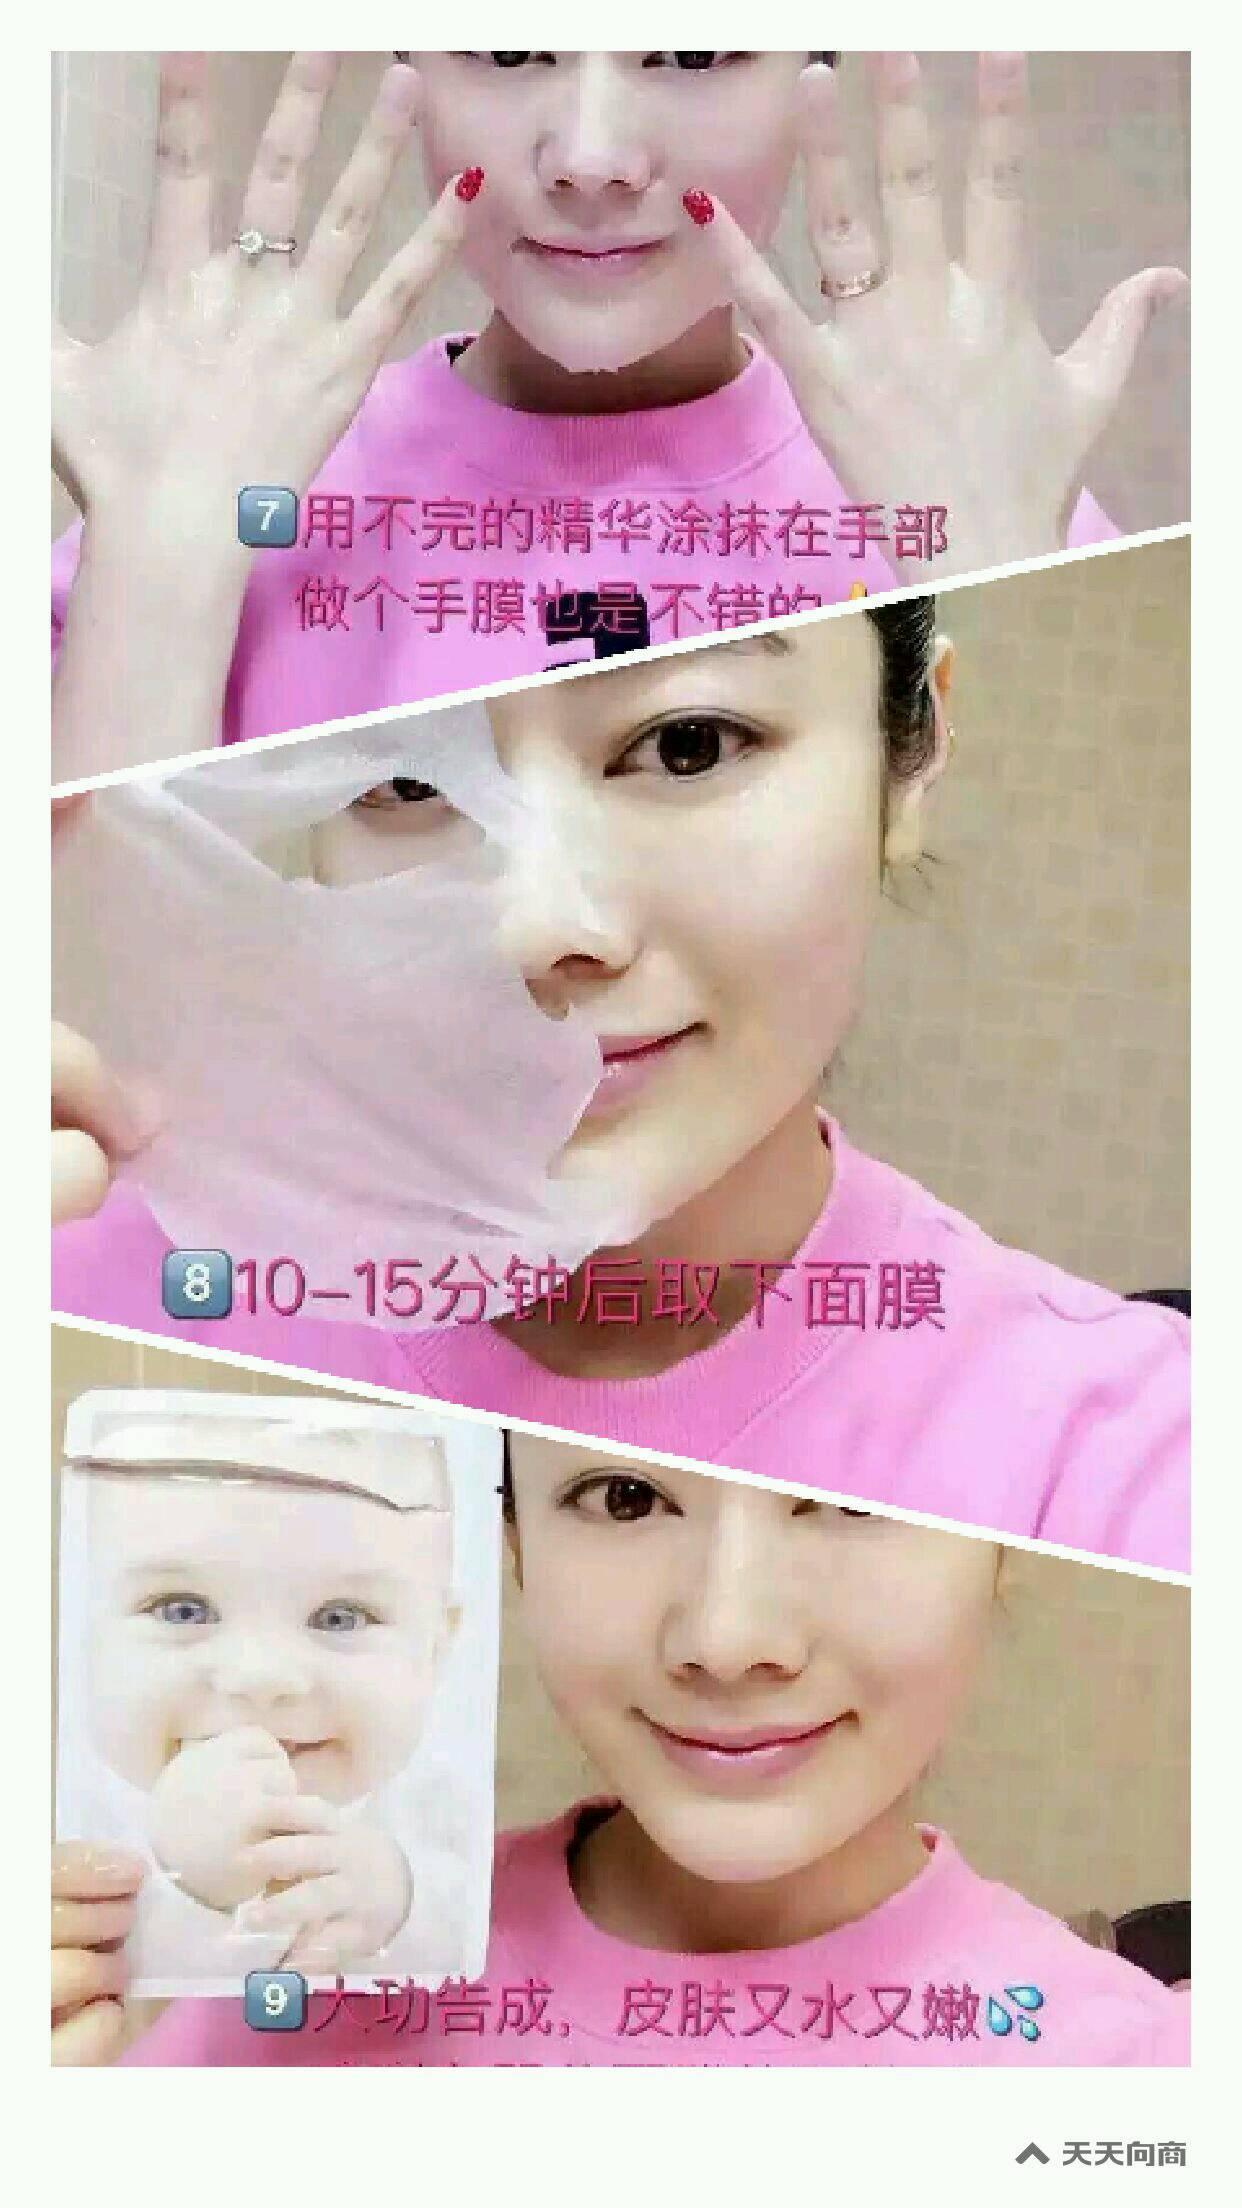 婴儿蚕丝面膜的使用方法